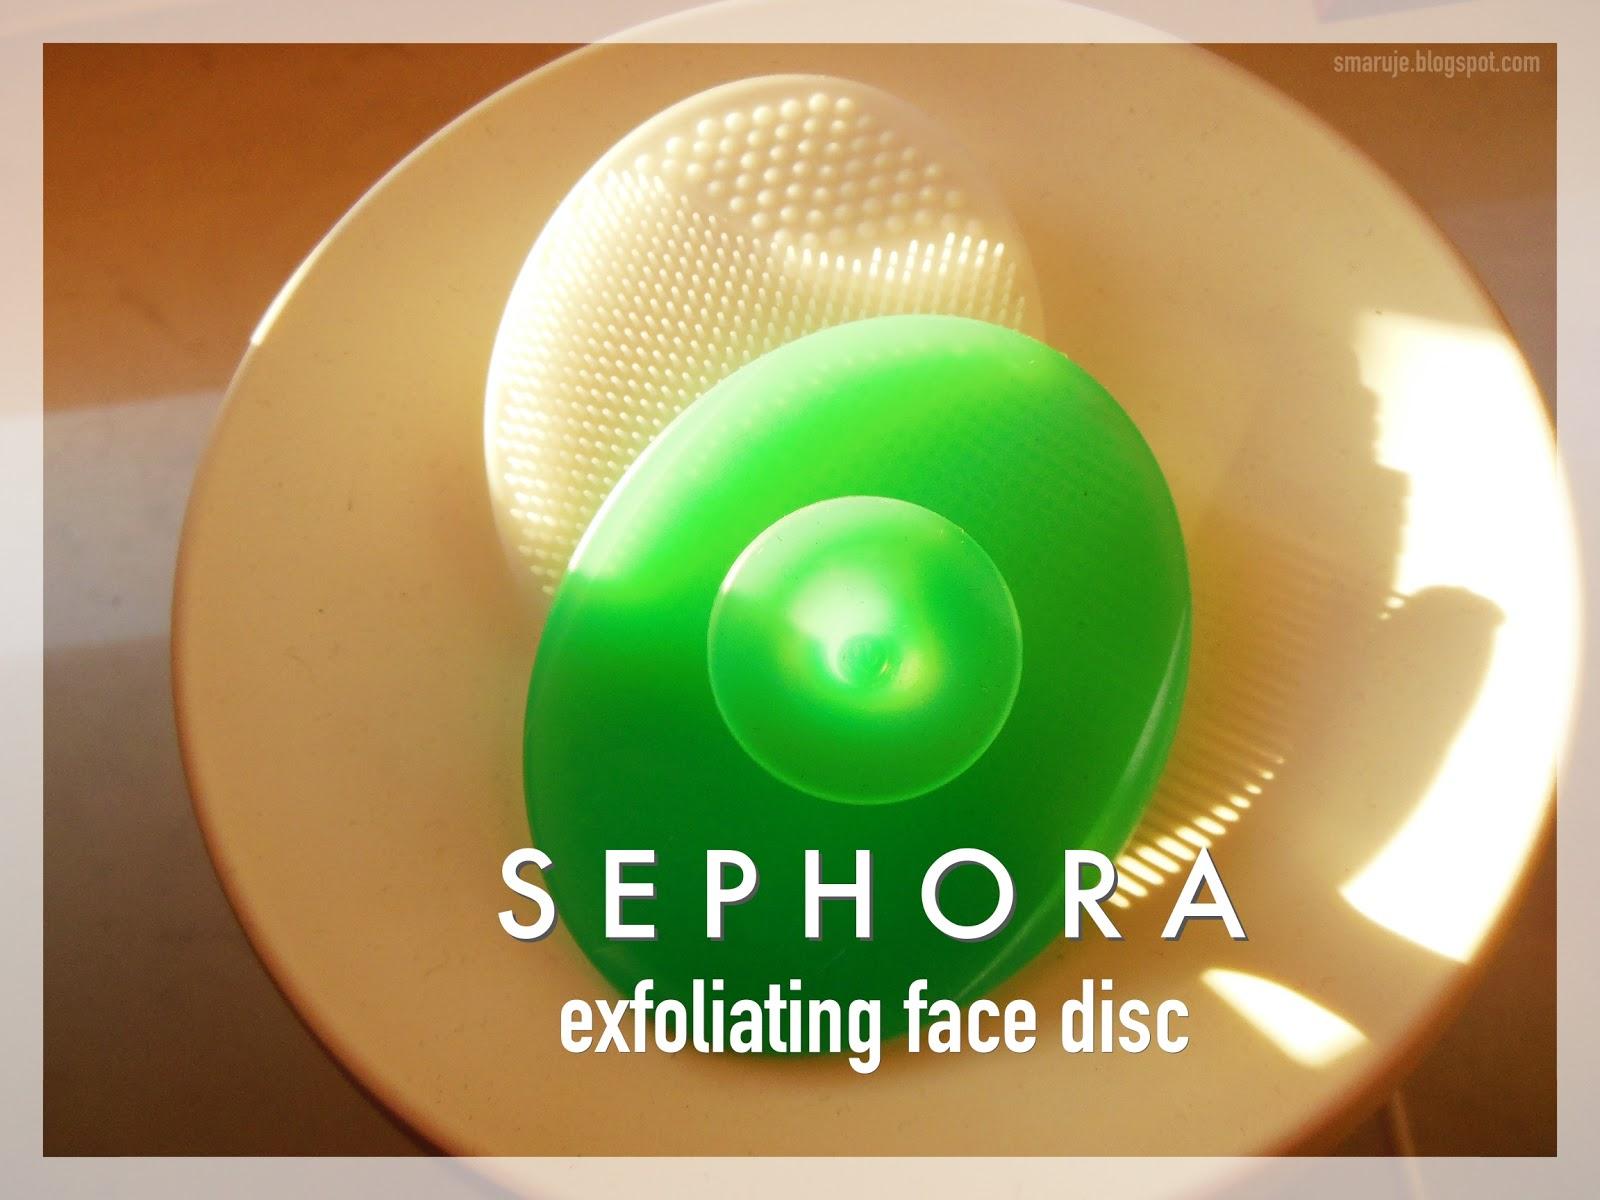 Mój mały wybawca: Sephora –Exfoliating Face Disc